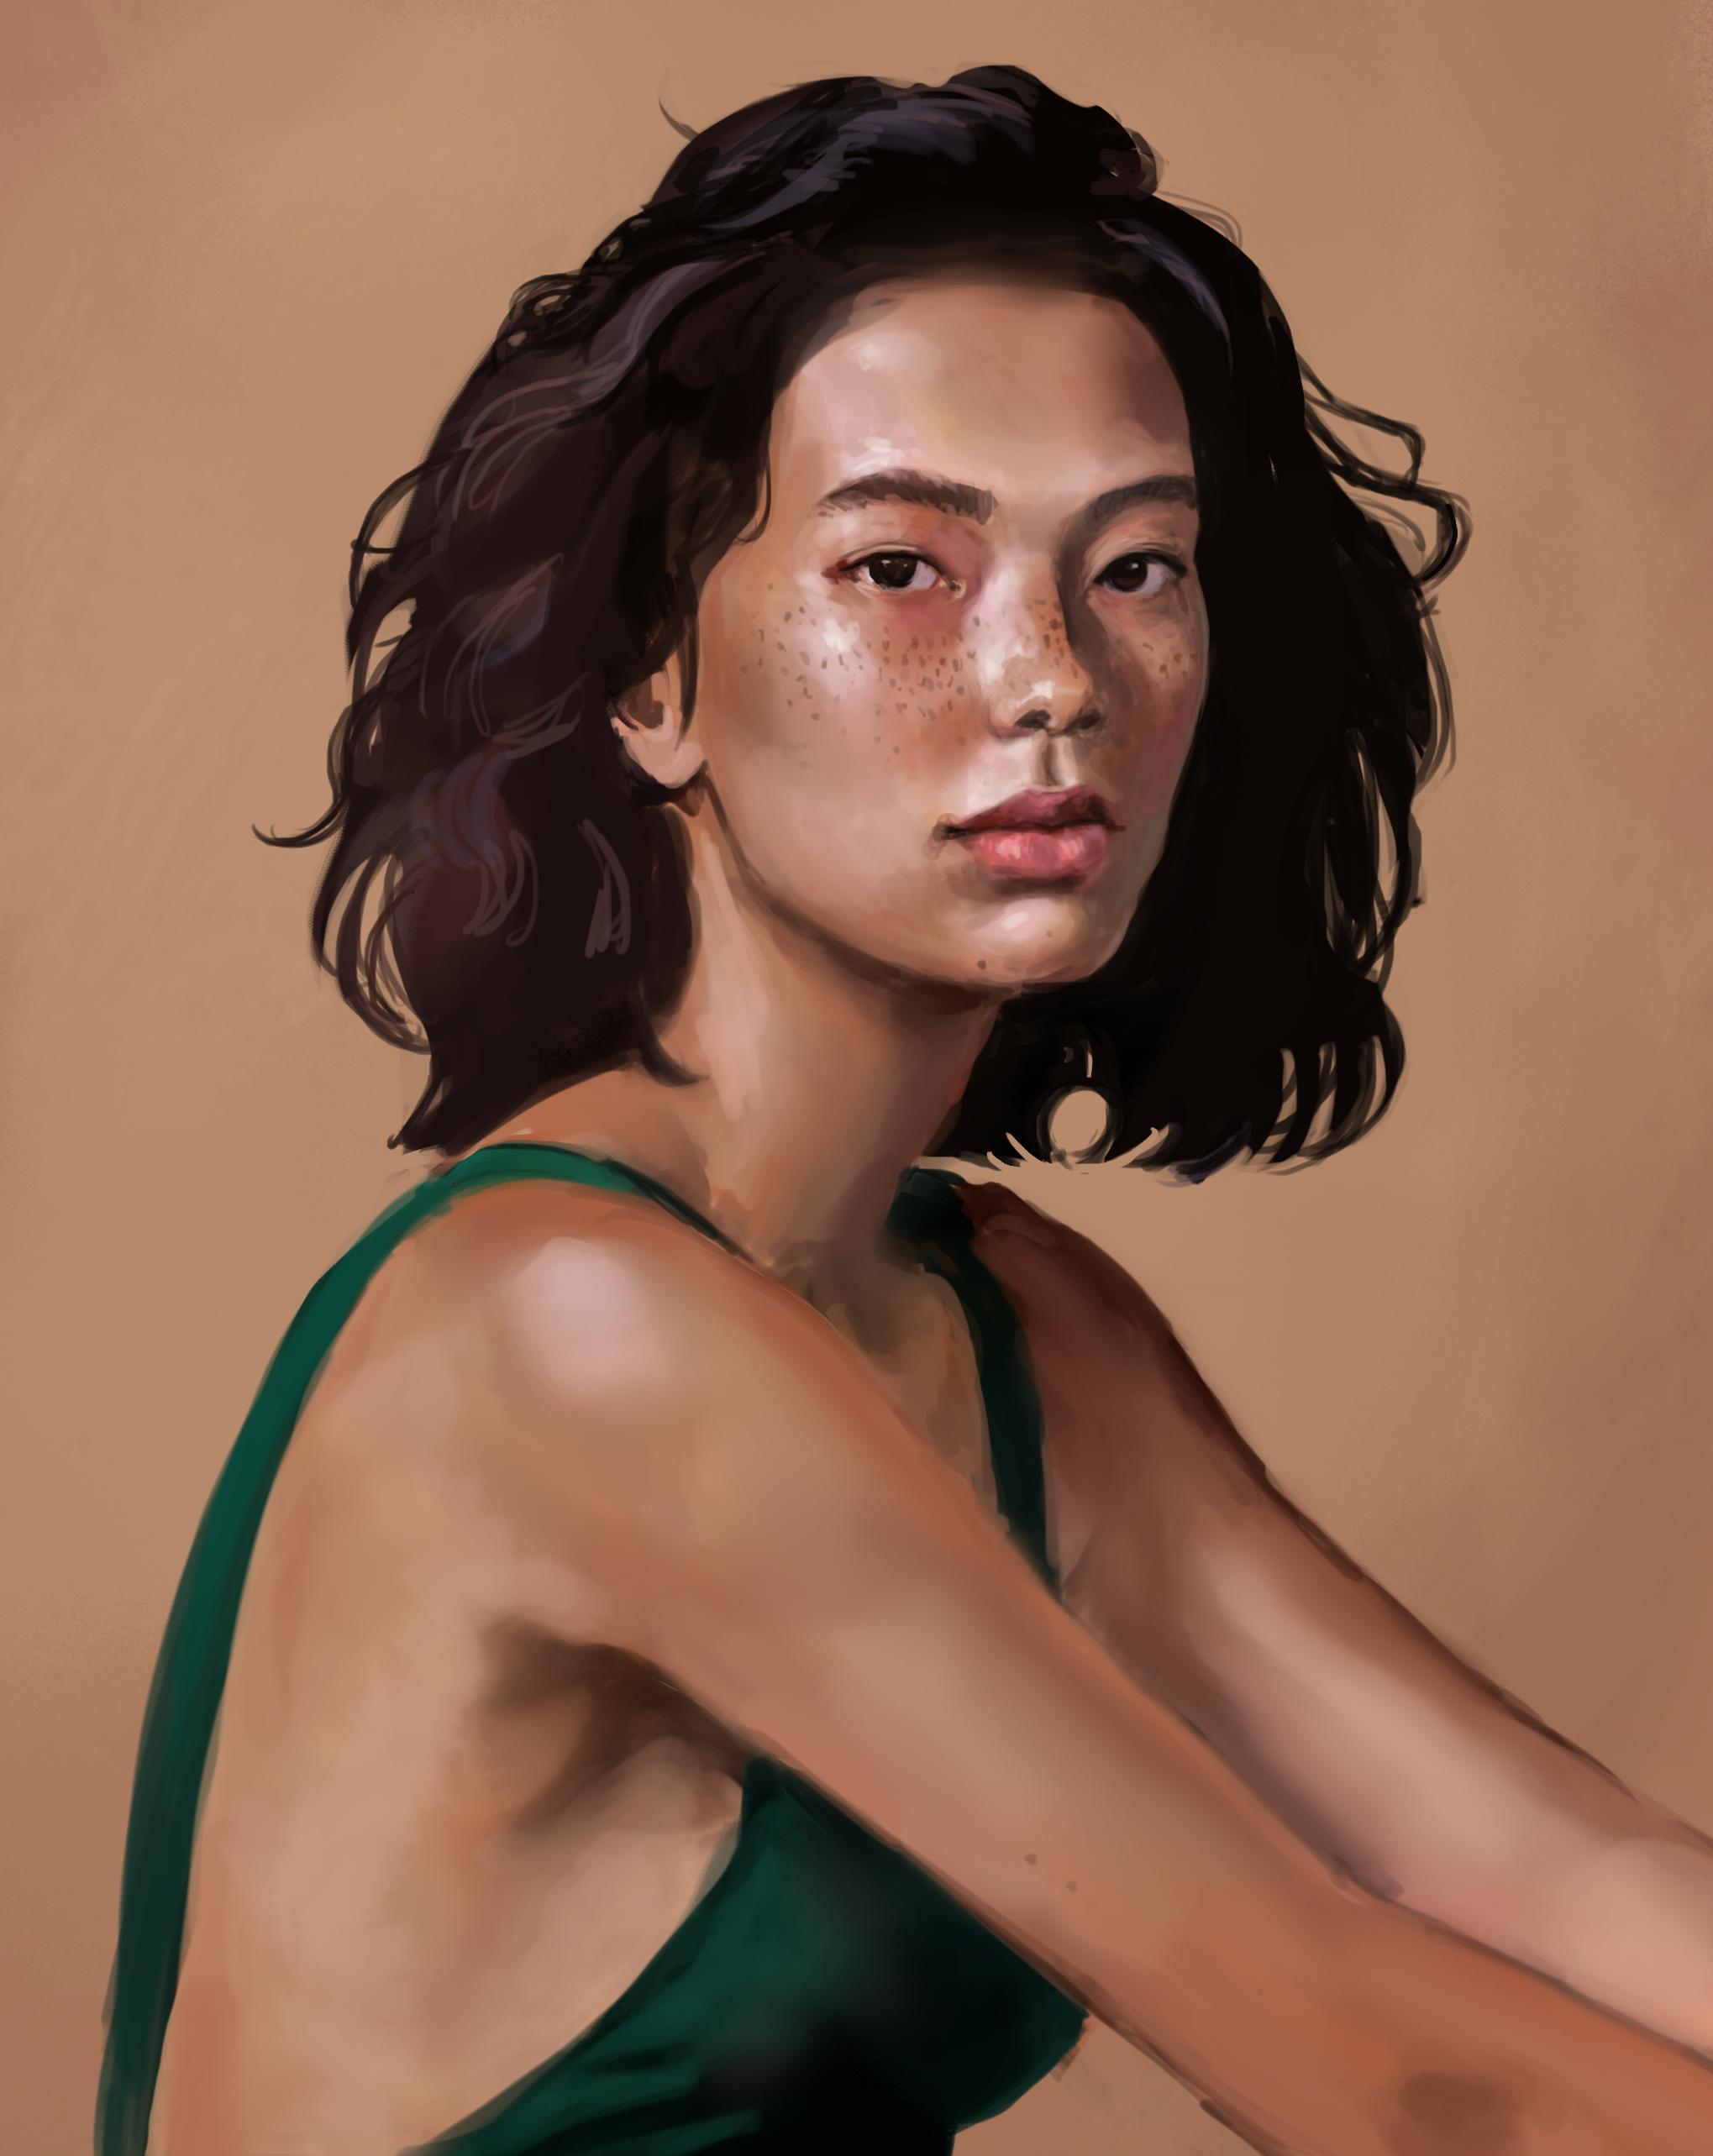 Gemalte Portrait-Illustration von einer jungen asiatischen Frau